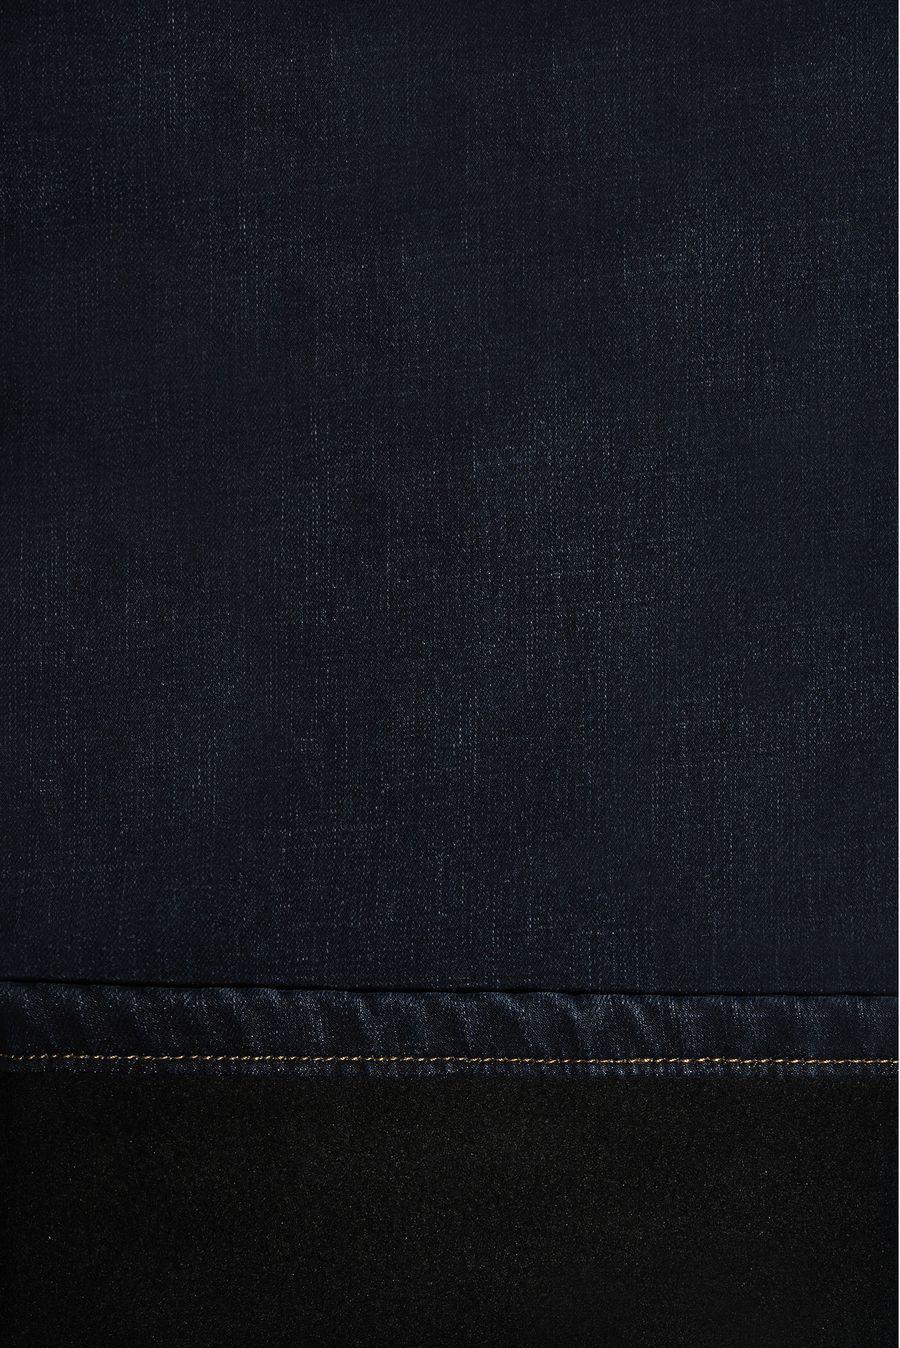 Джинсы мужские Ramins Denim RS4-6010 утепленные - фото 5